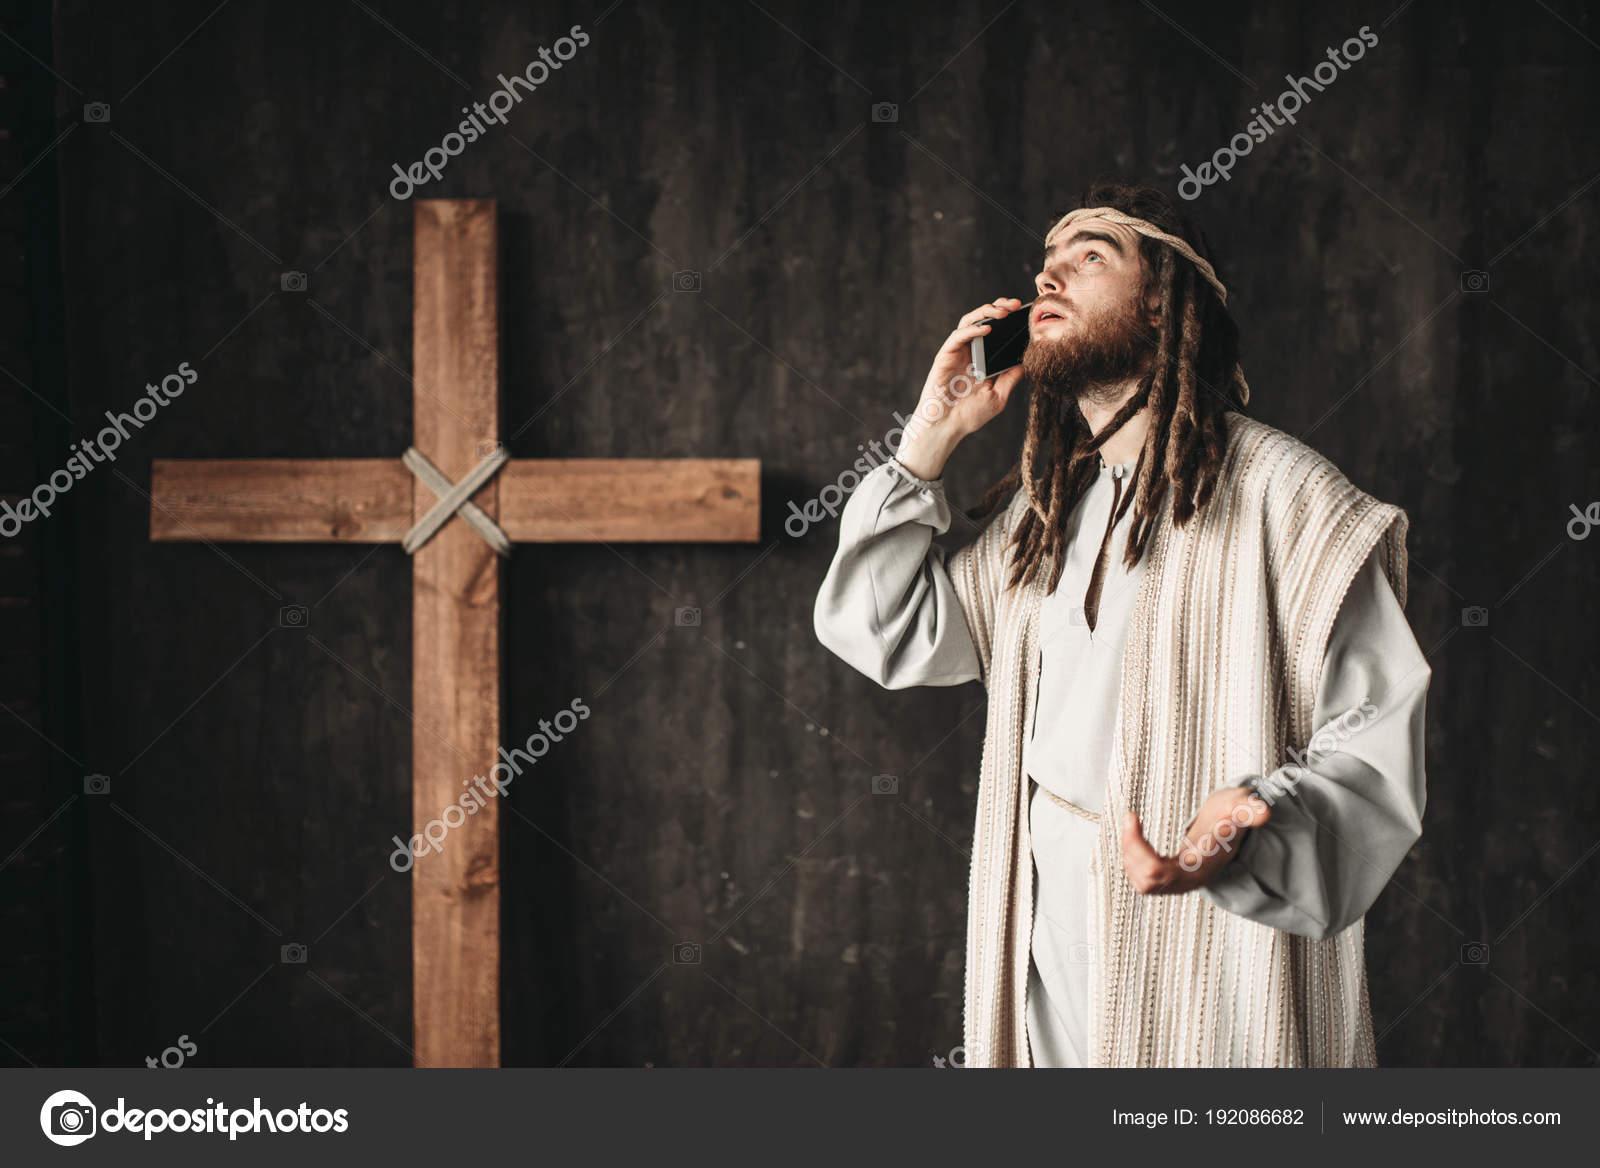 Background God Image With Black Jesus Christ Talking God